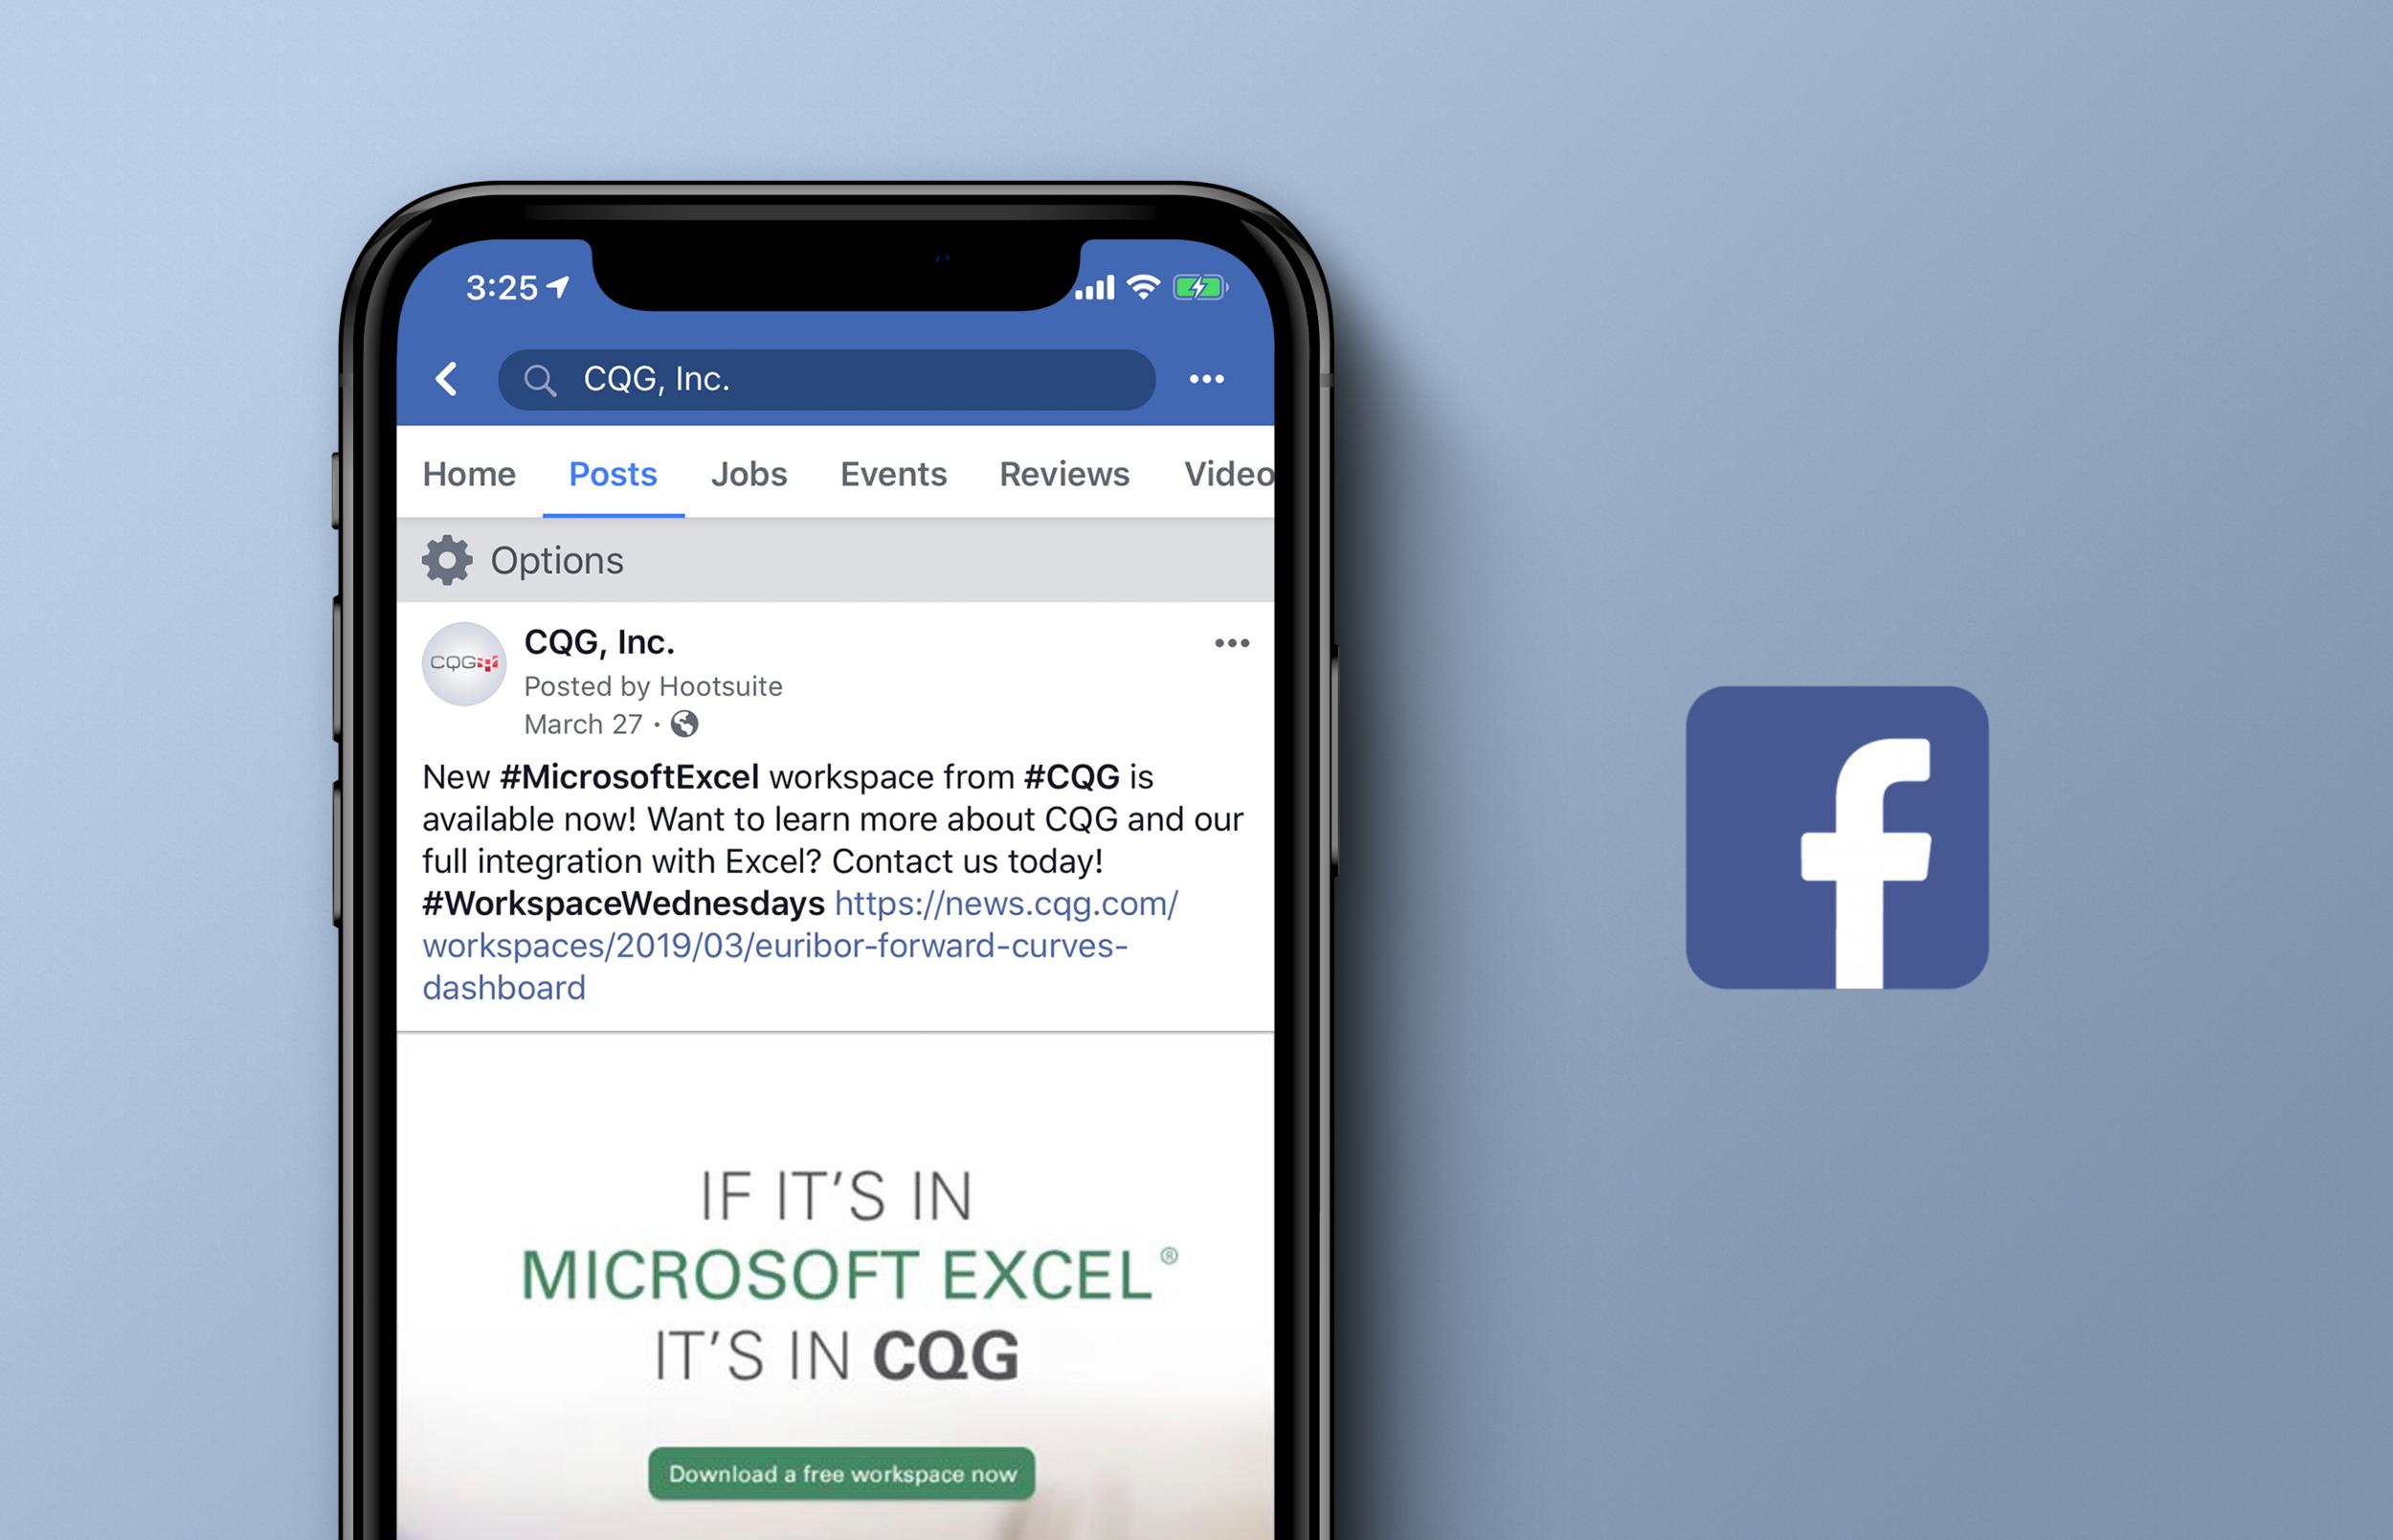 CQG & Microsoft Excel Initiative